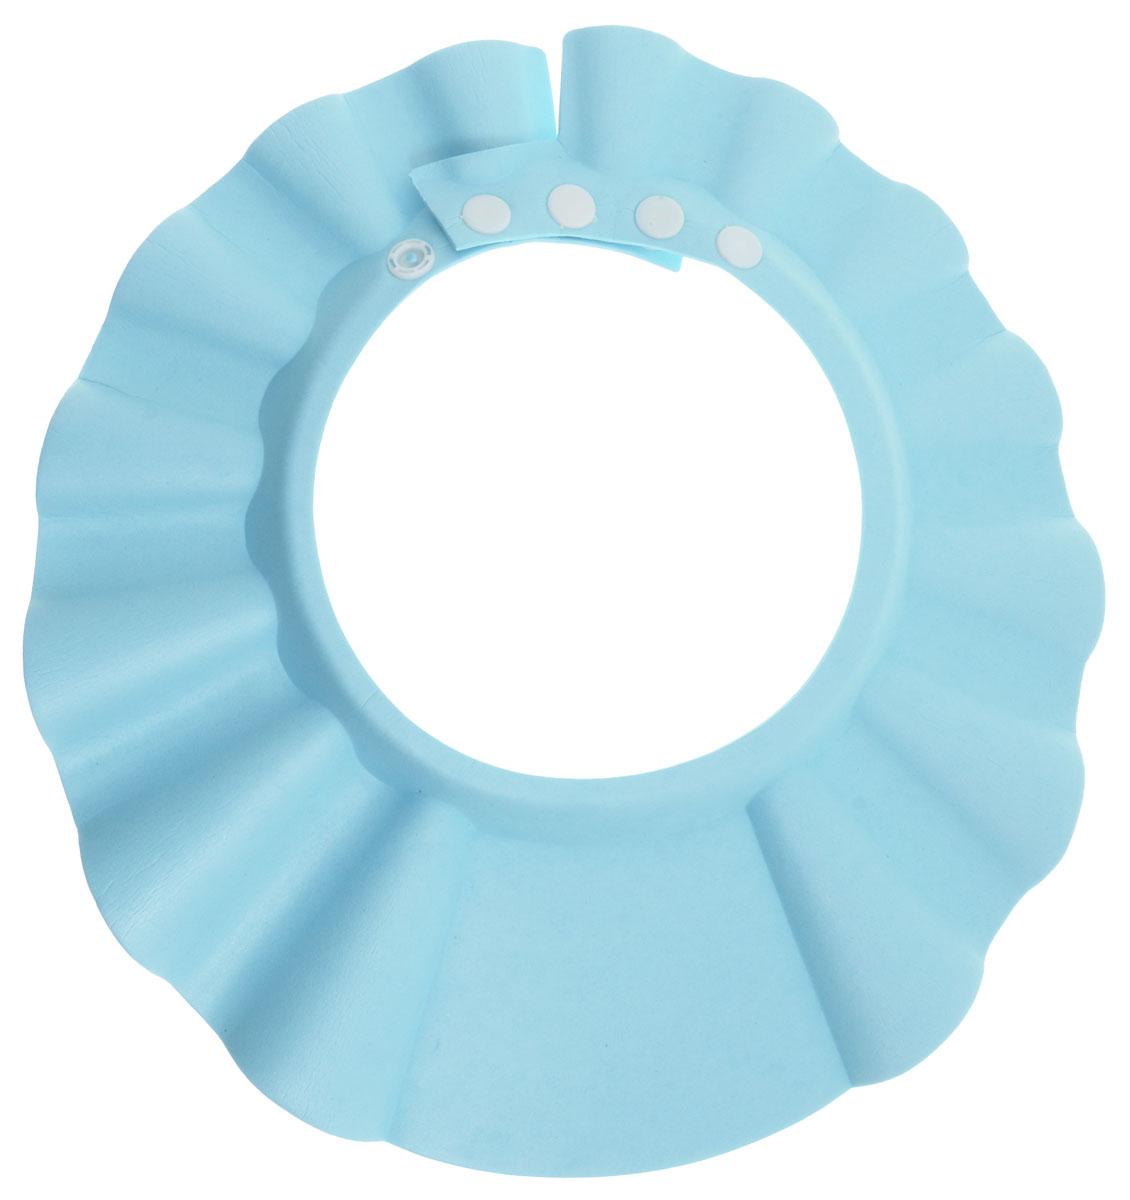 Bradex Козырек для мытья головы Купаемся без слез цвет голубой DE 0142